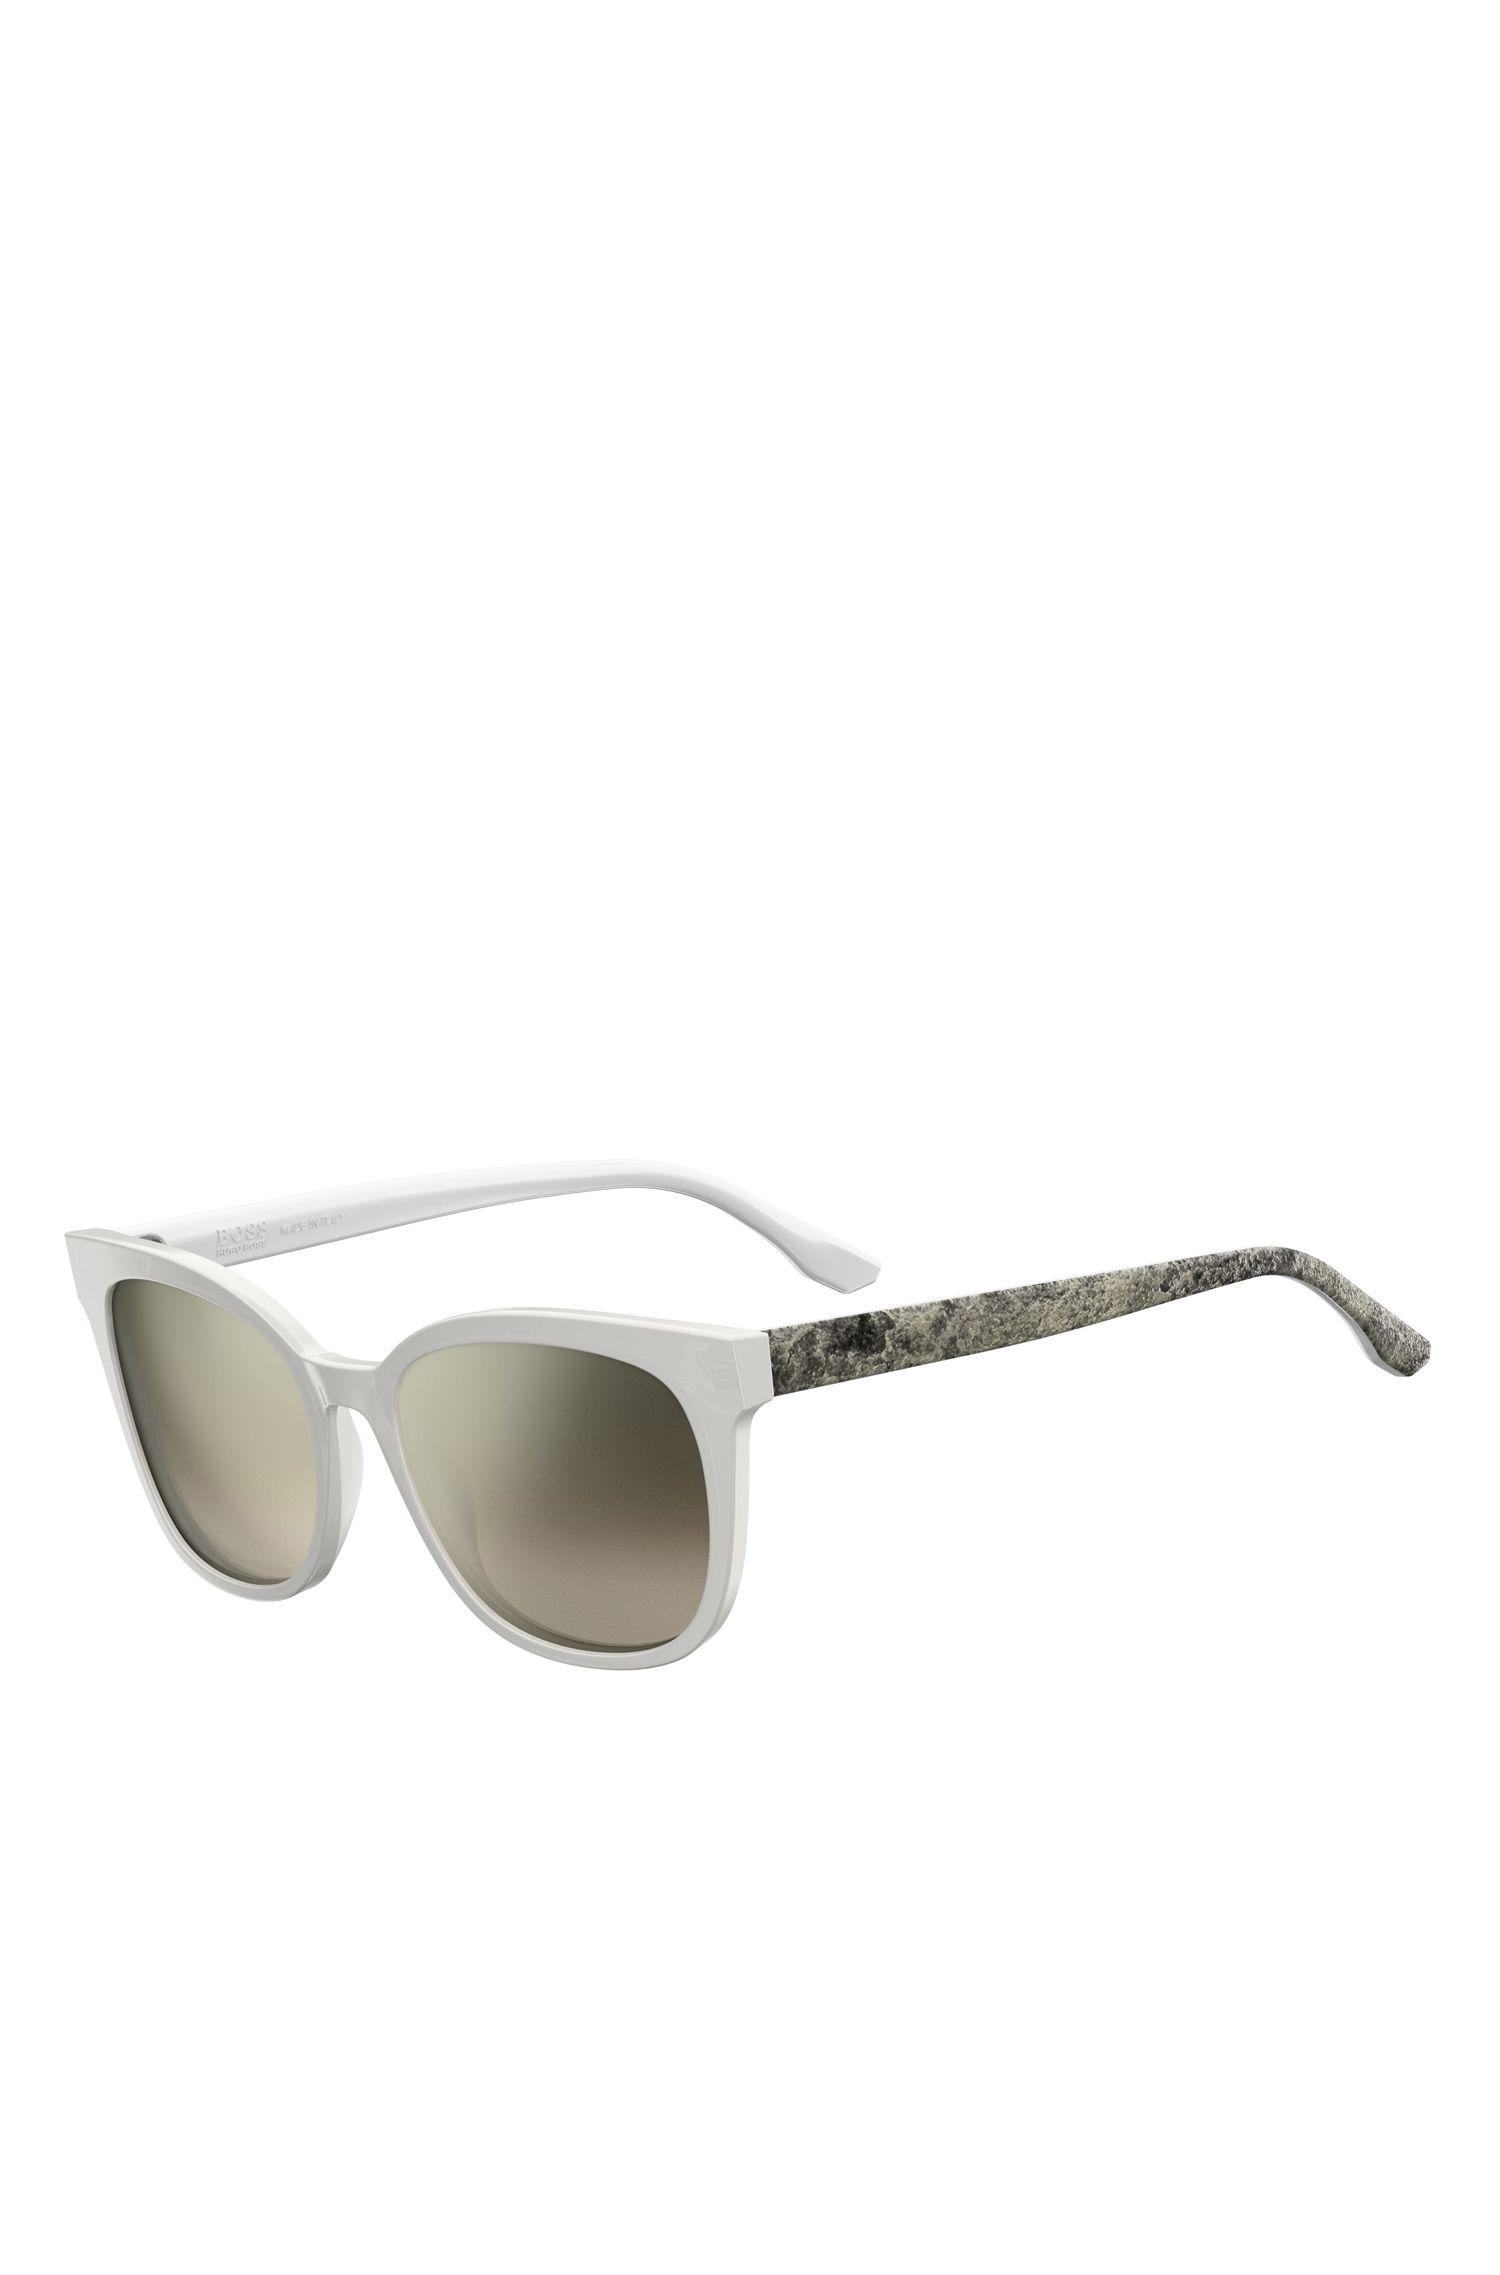 White Acetate Round Sunglasses   BOSS 0893